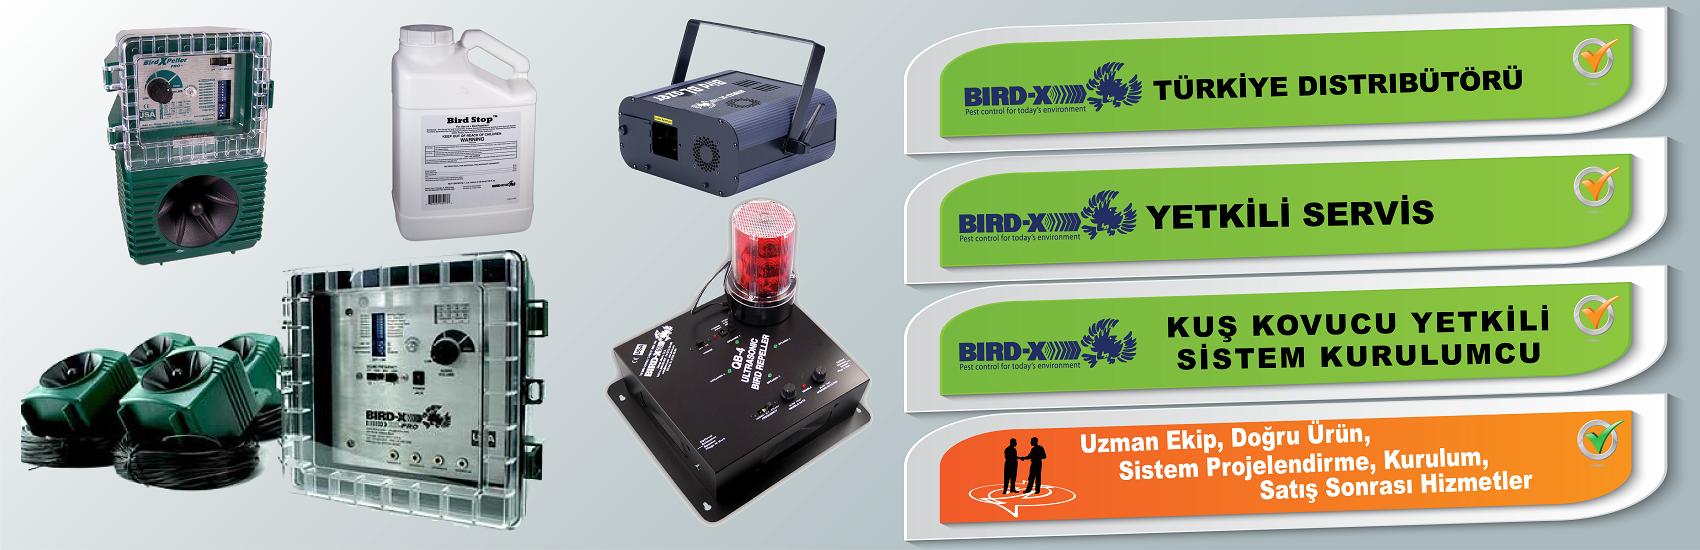 Kuş kovucu ürünler BIRDX Türkiye Distribütörü